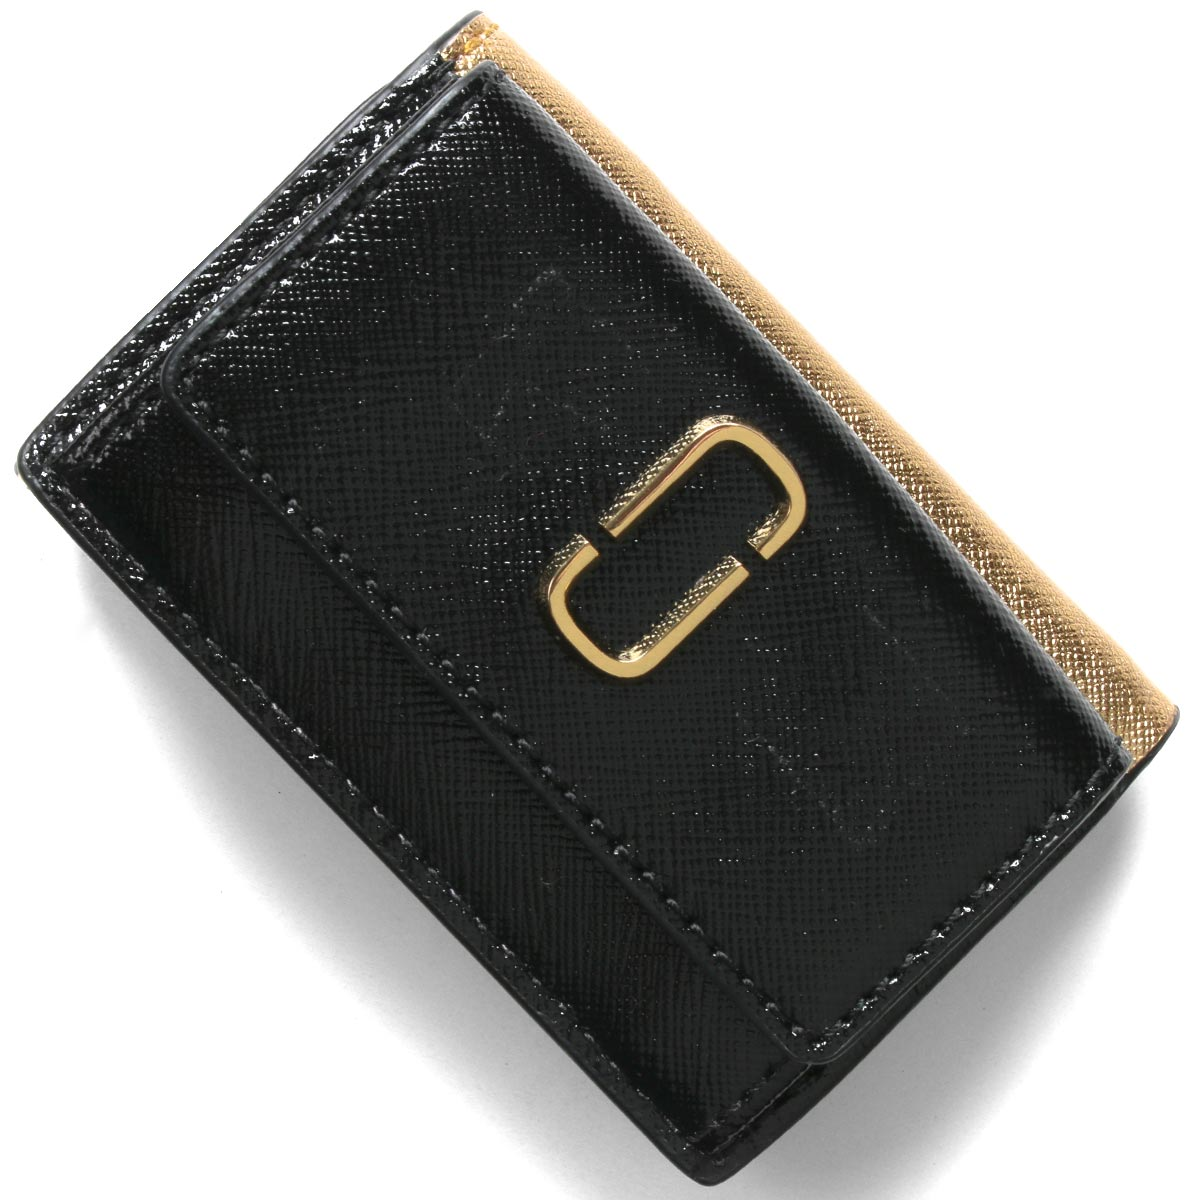 マークジェイコブス 三つ折り財布/ミニ財布 財布 レディース スナップショット ダブルJロゴ ニューブラックマルチ M0014492 003 2020年春夏新作 MARC JACOBS